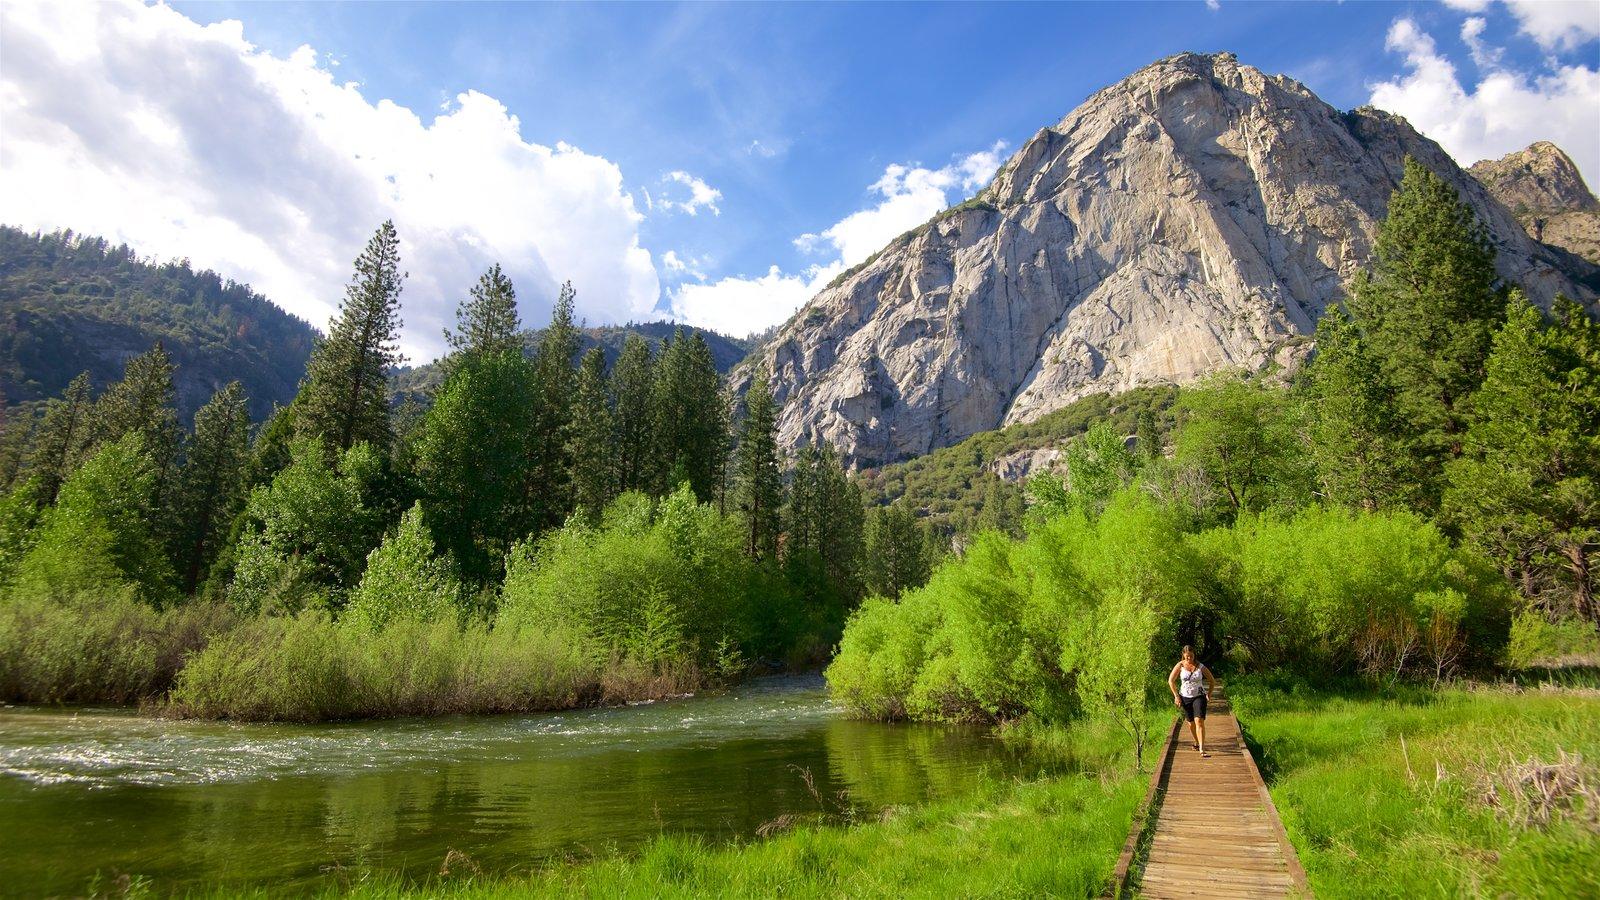 Sequoia and Kings Canyon National Parks caracterizando um rio ou córrego, uma ponte e pântano